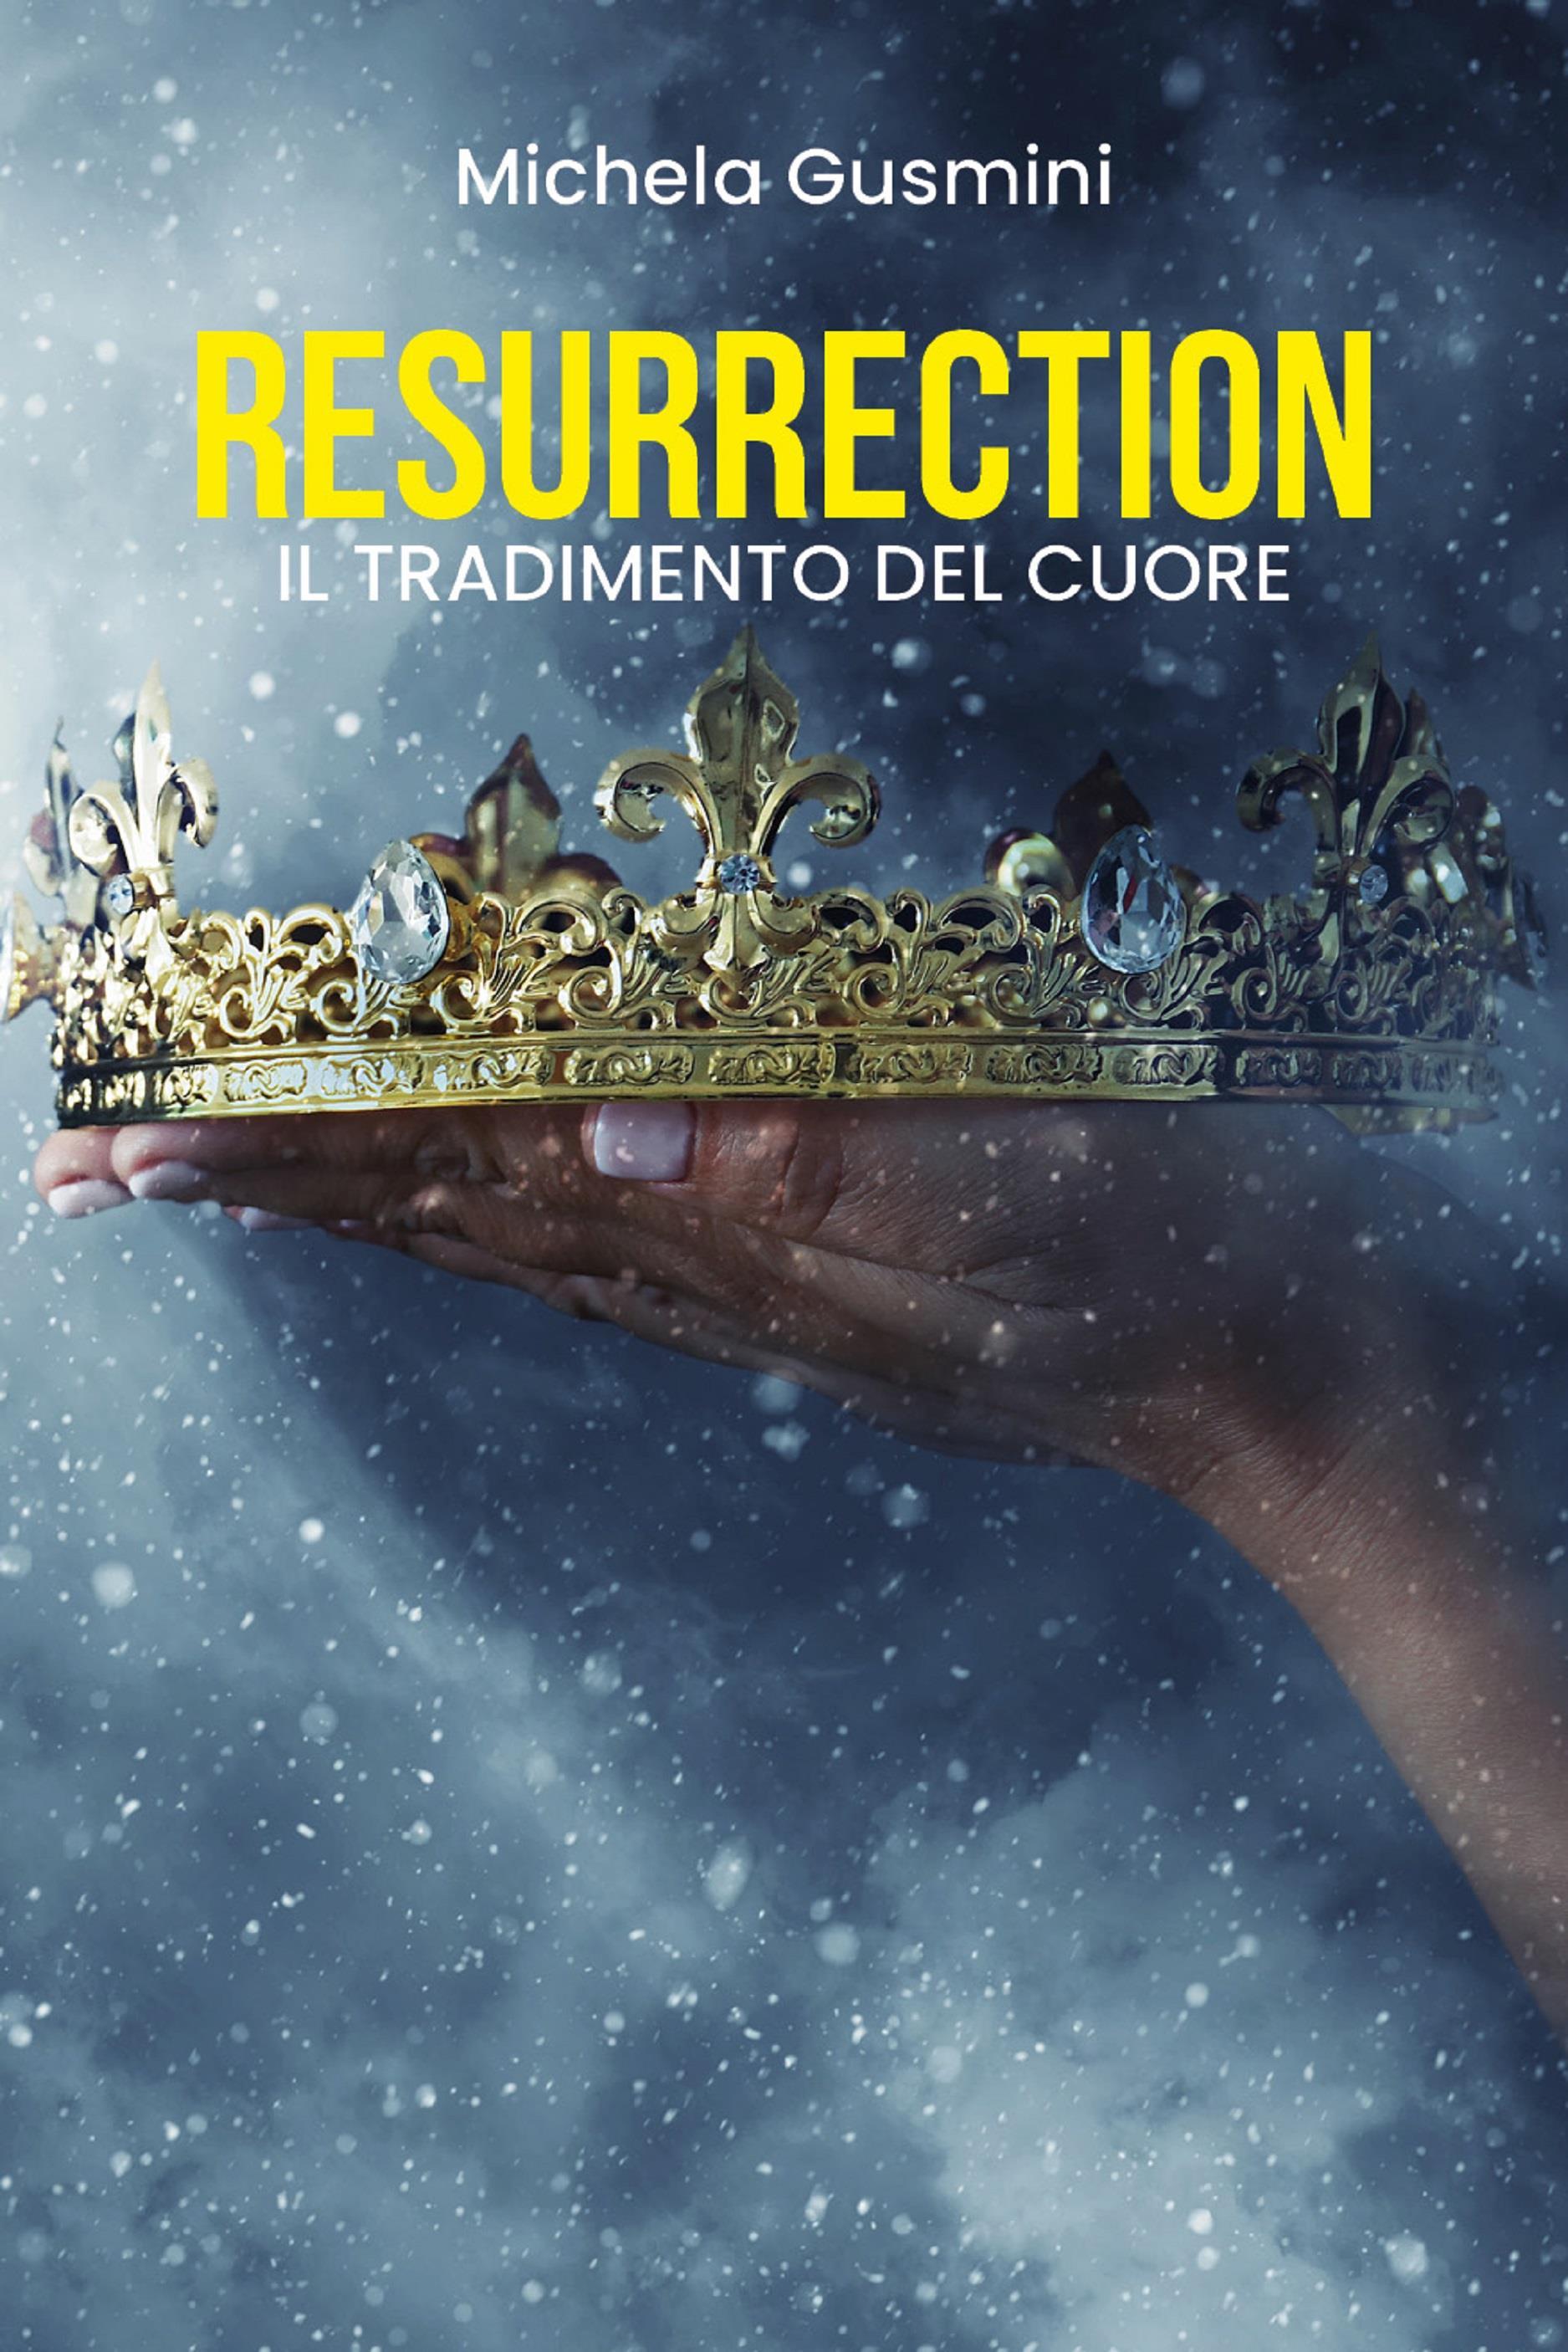 Resurrection - il tradimento del cuore